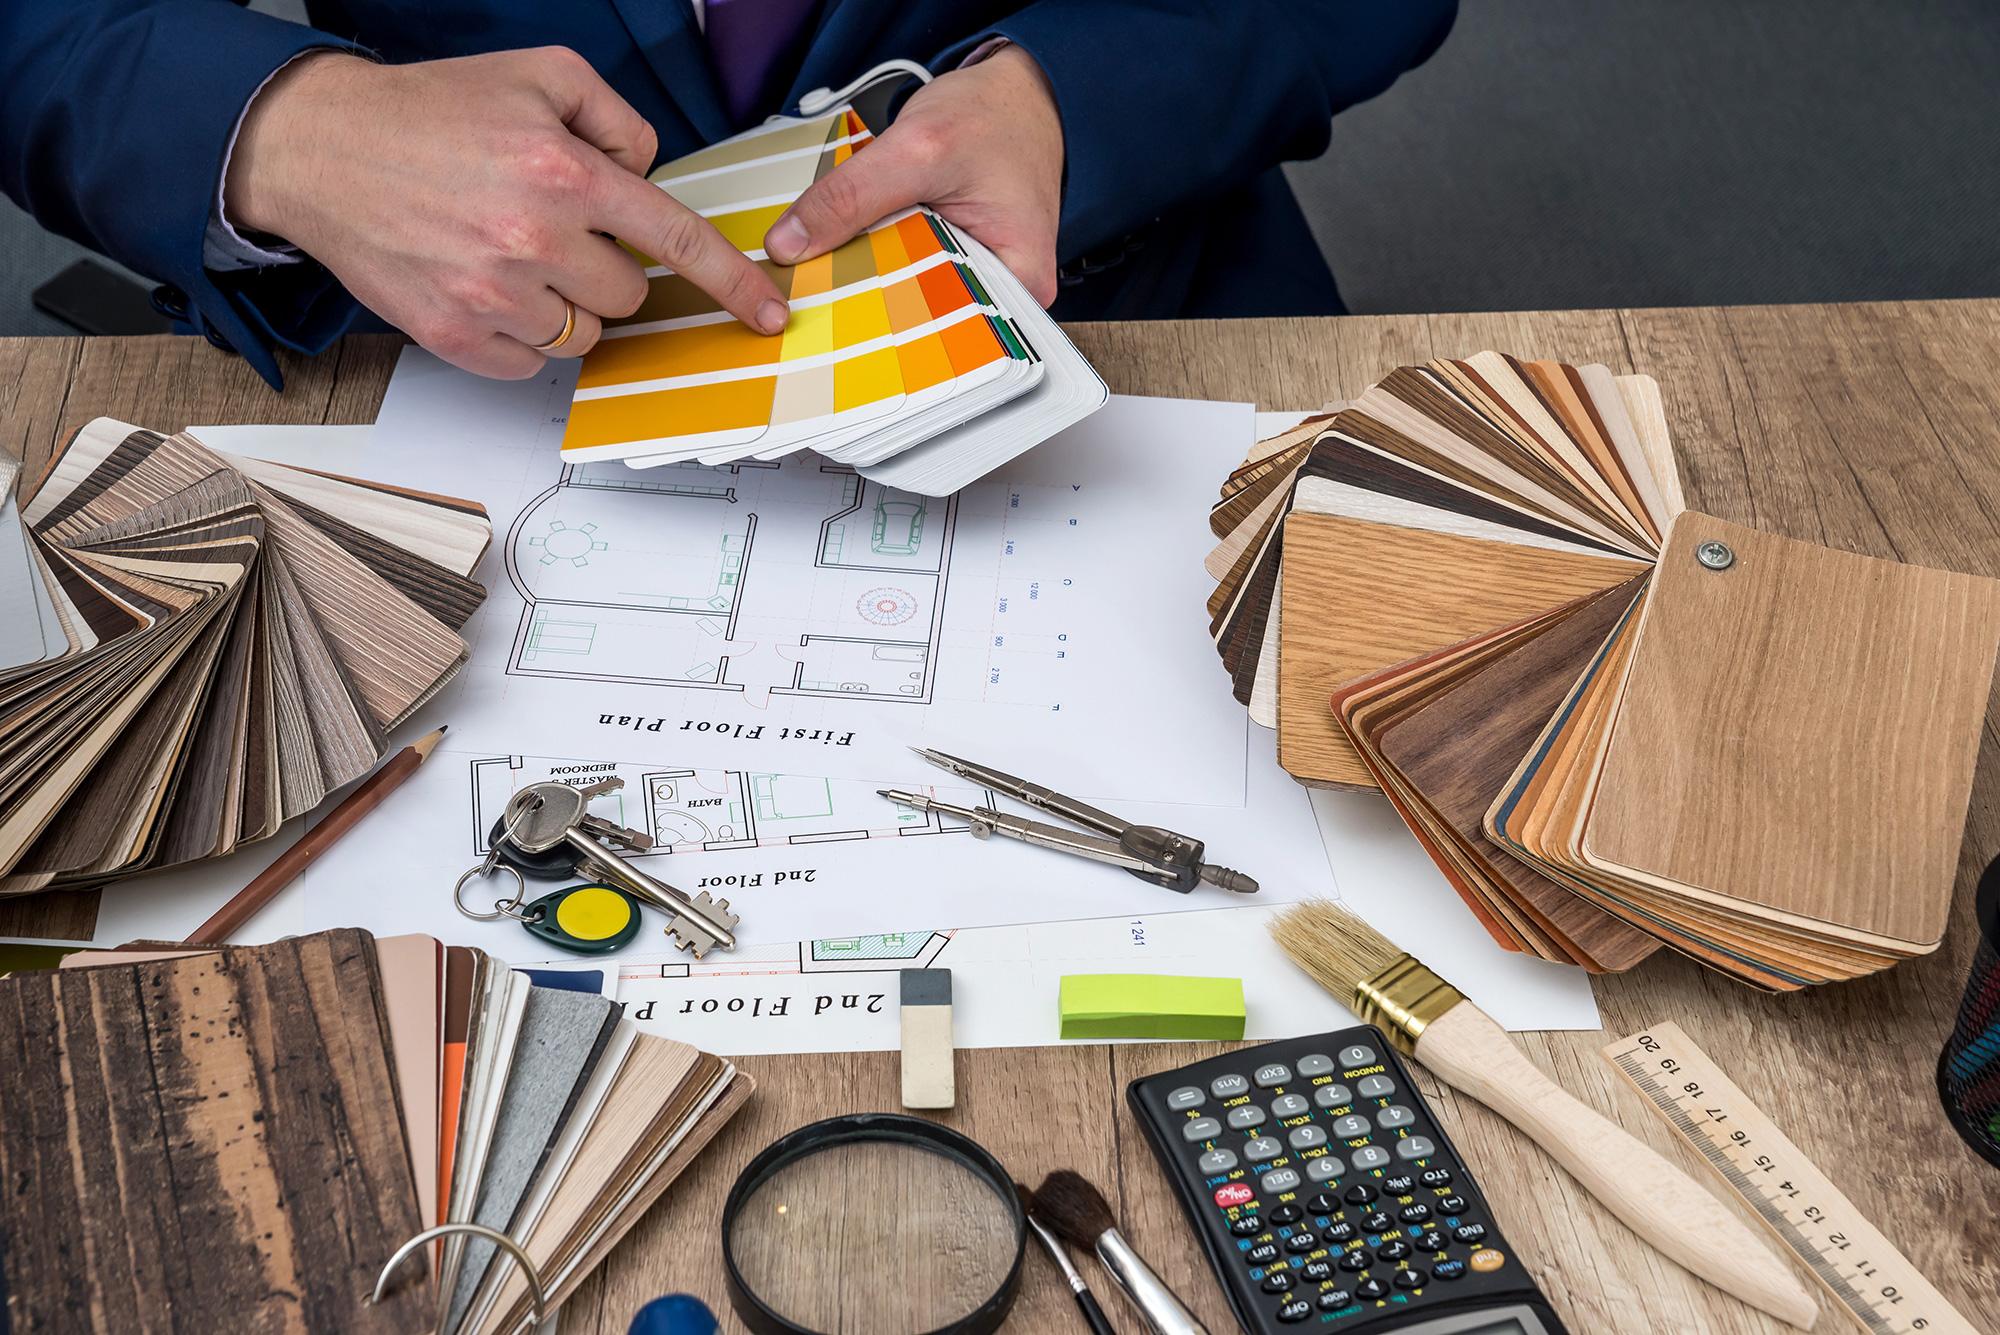 F3 can customize laminate furniture